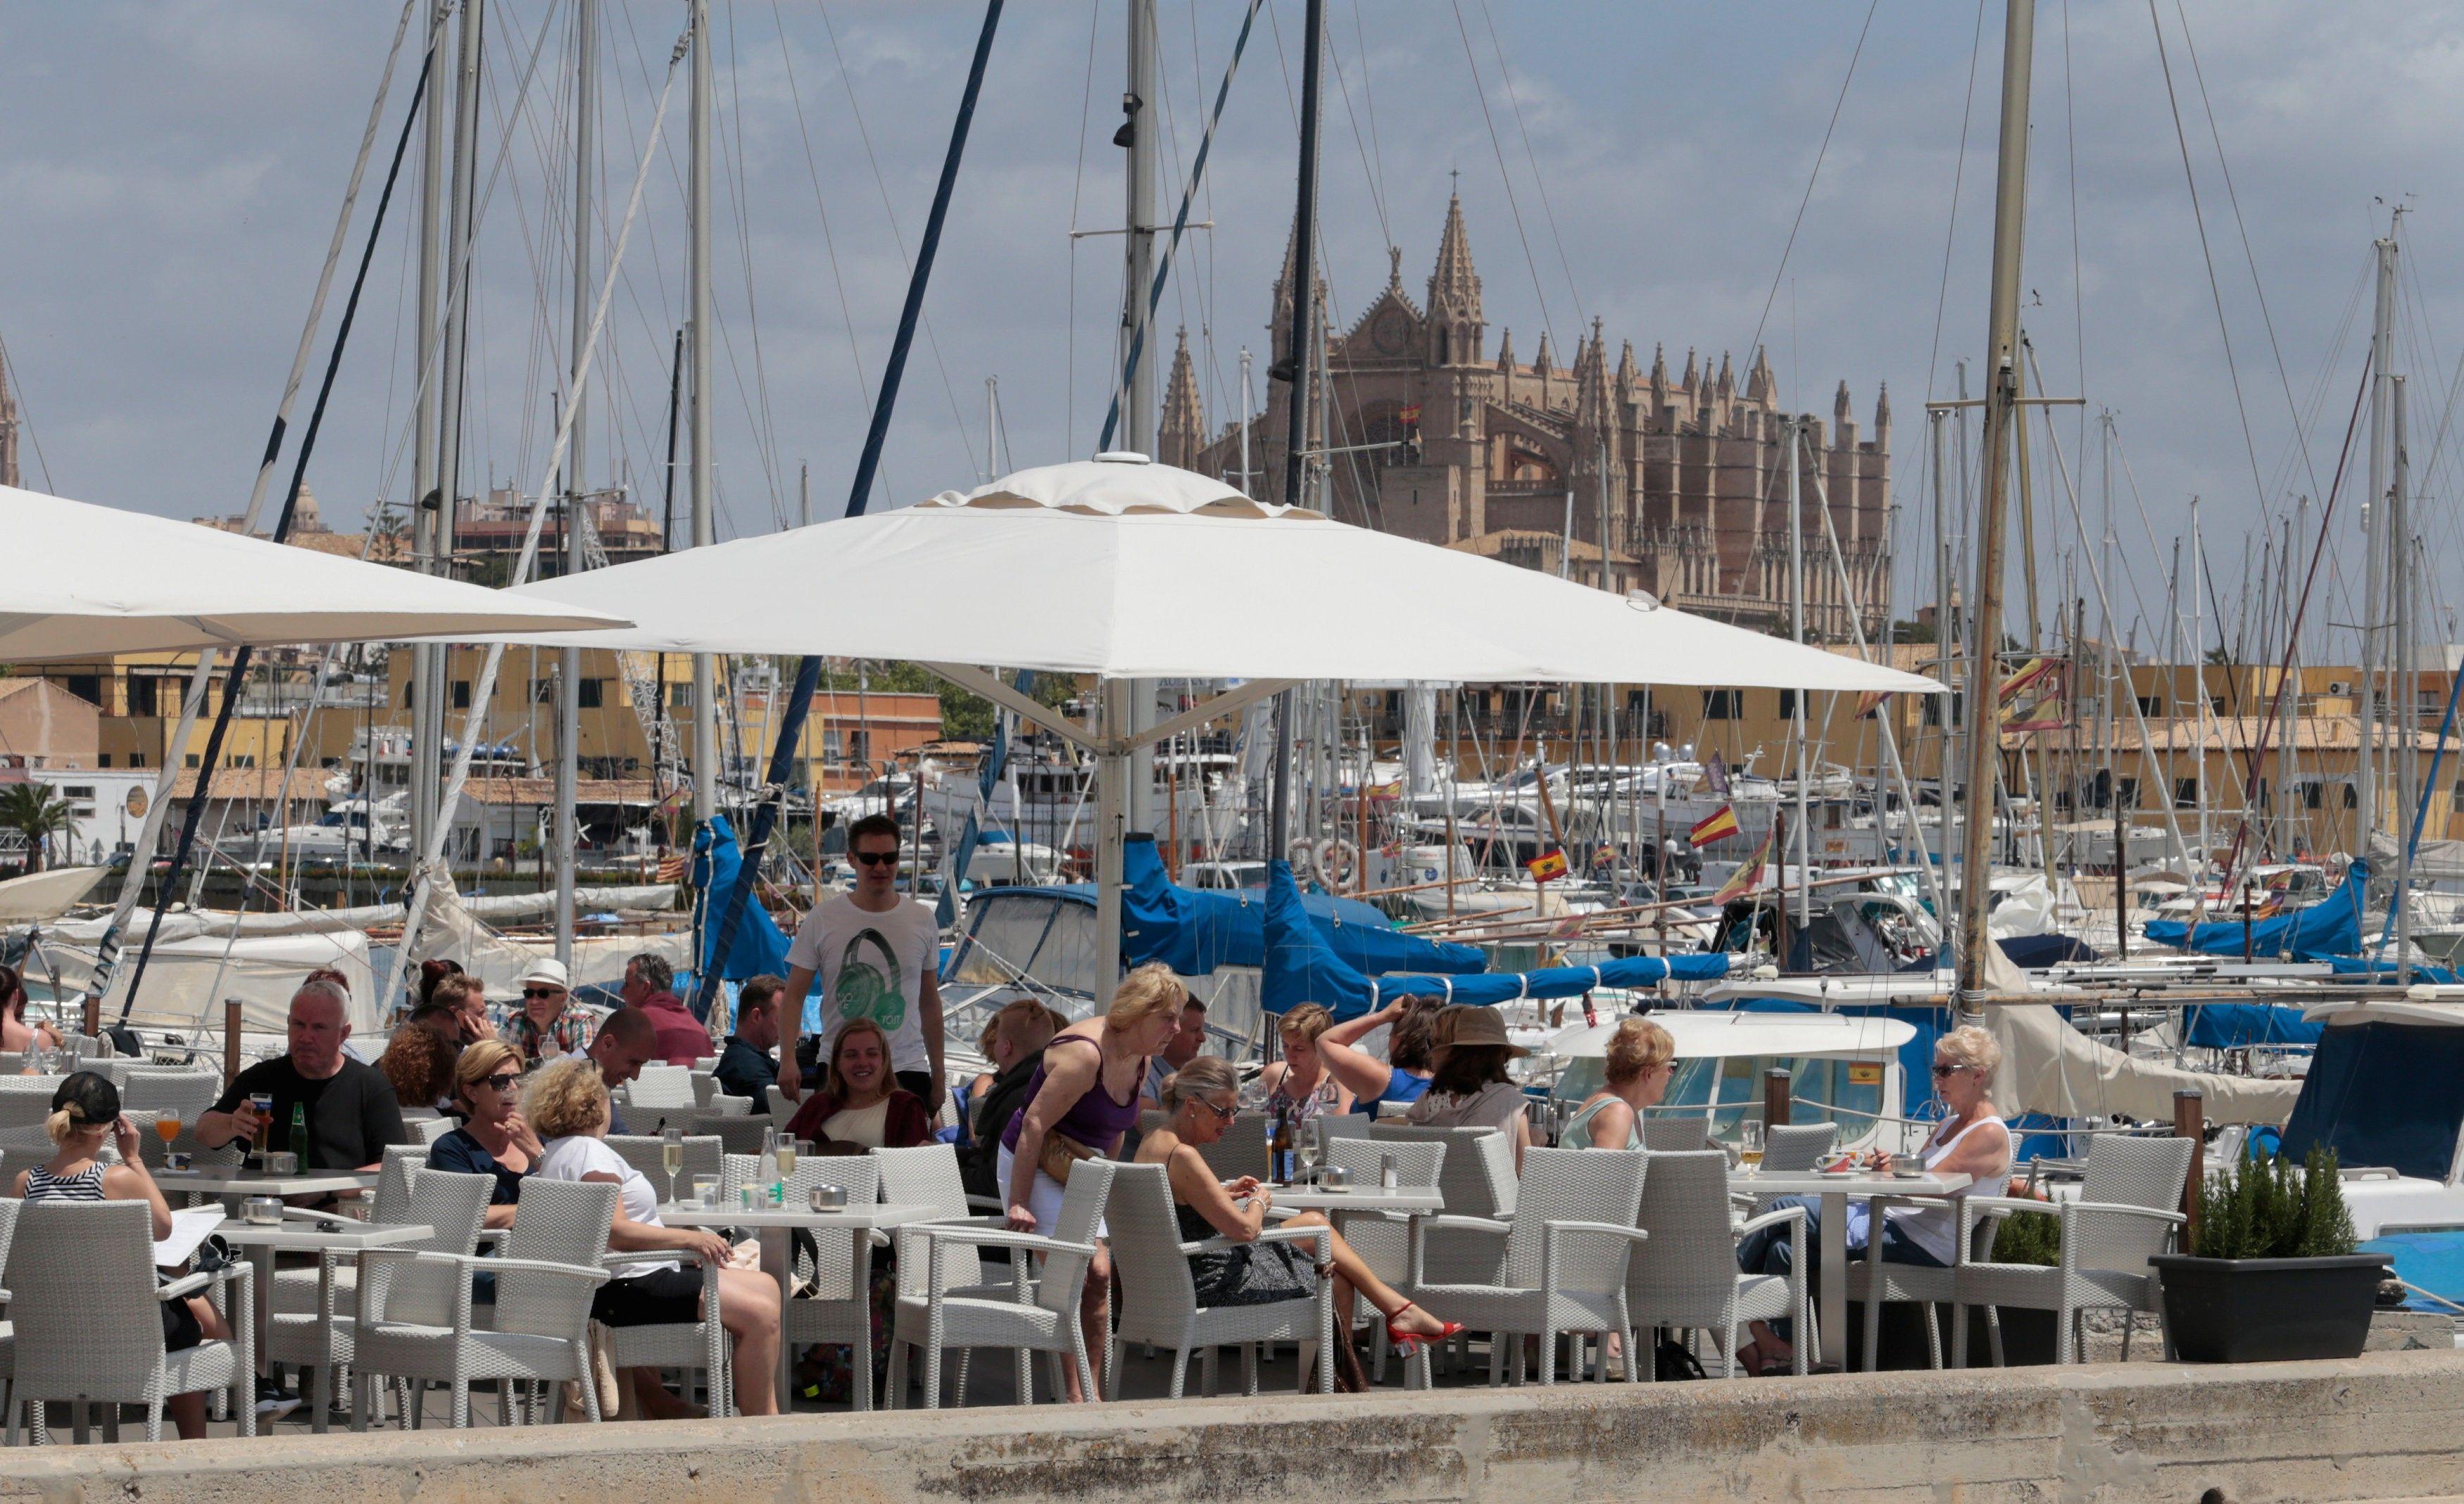 Средиземноморье - смесь старинной архитектуры, потрясающего климата и вкуснейшей еды / REUTERS